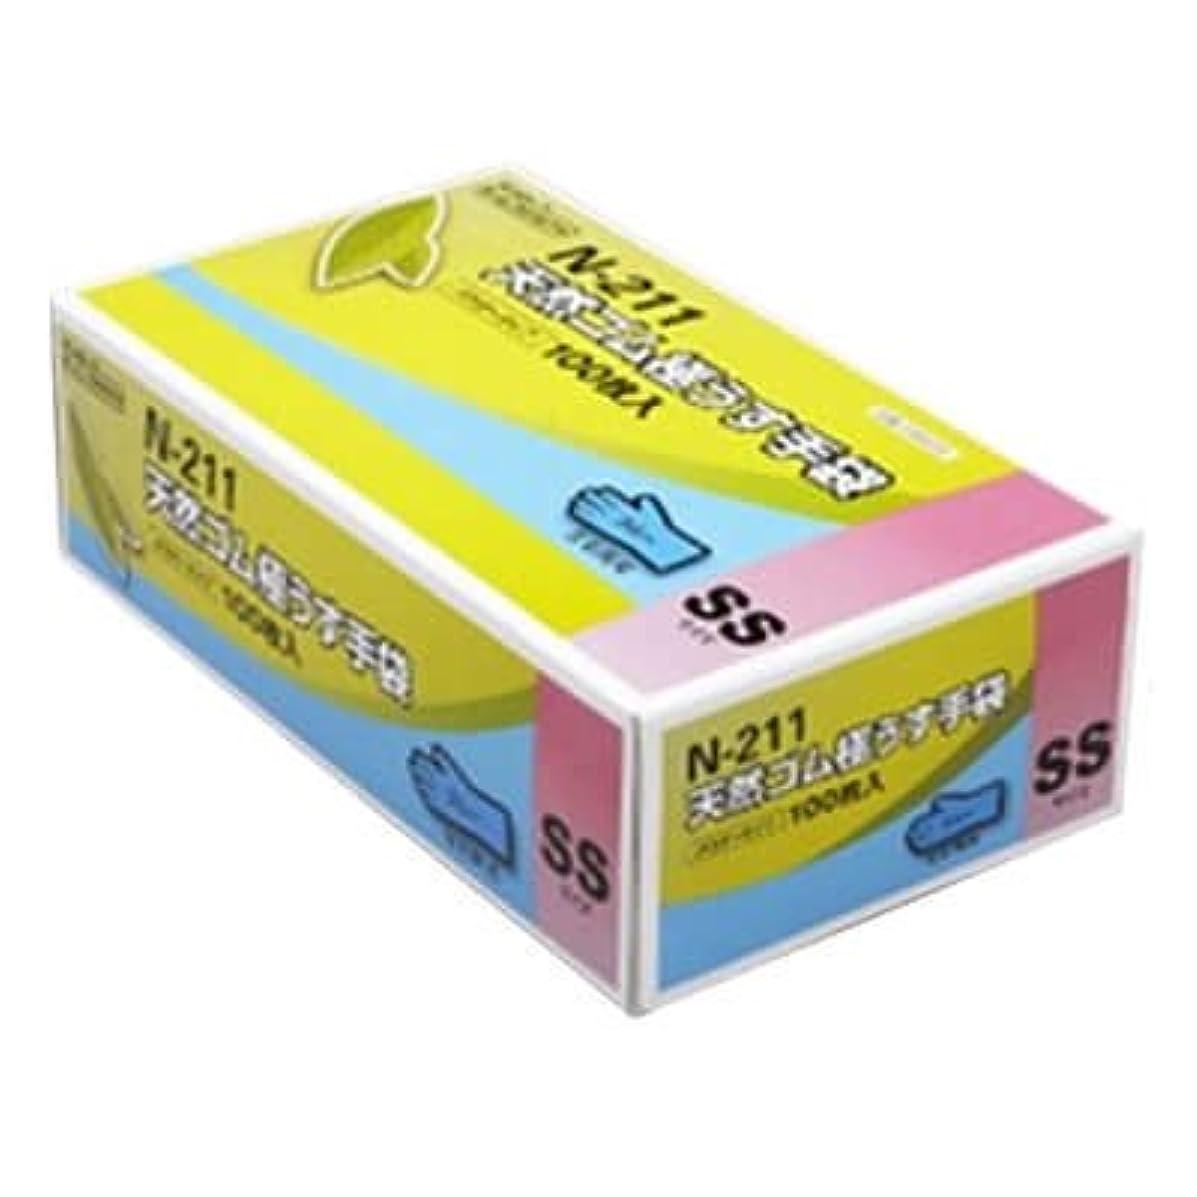 彼らはカプセル酸素【ケース販売】 ダンロップ 天然ゴム極うす手袋 N-211 SS ブルー (100枚入×20箱)